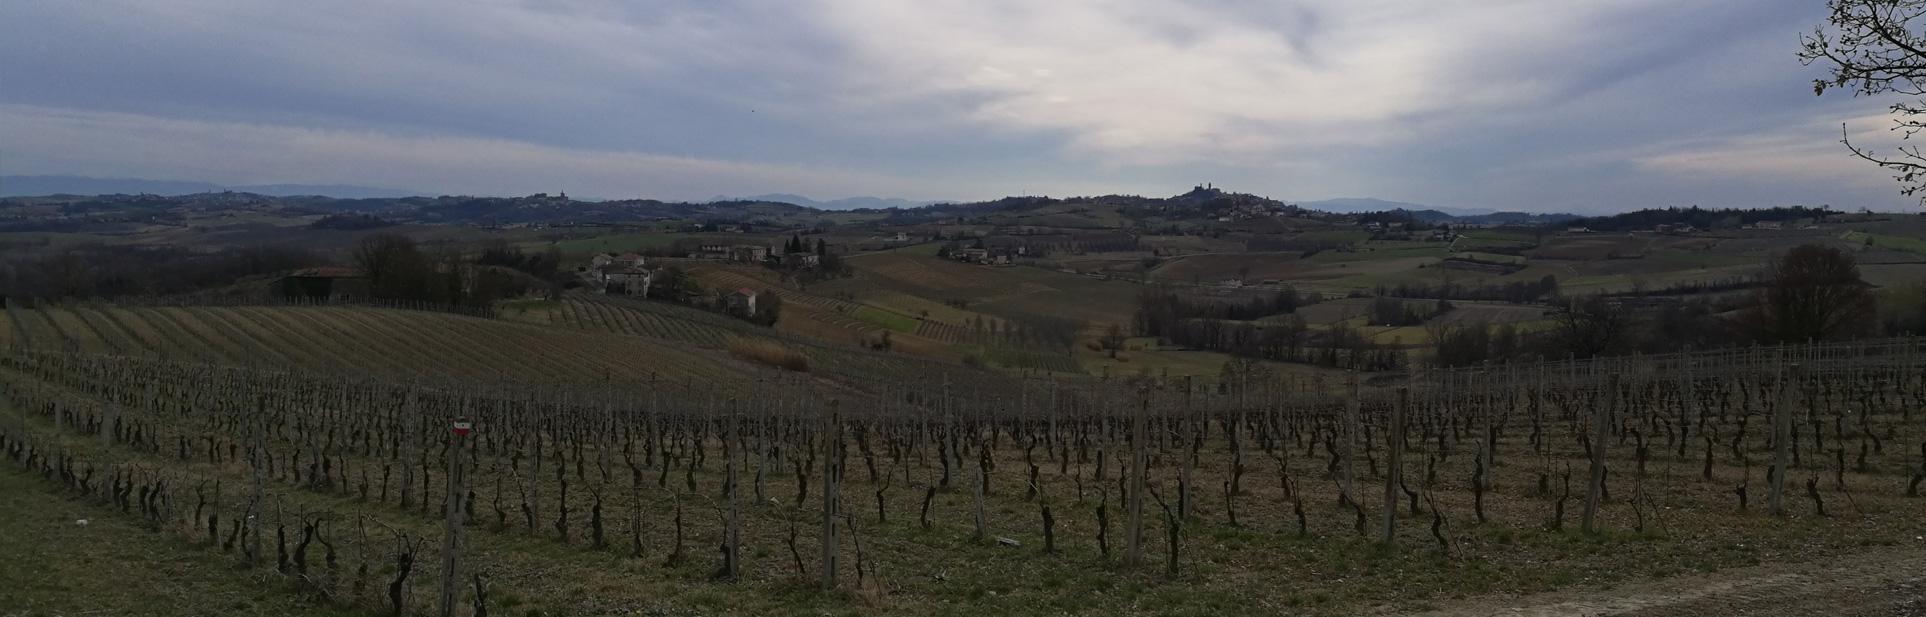 itinerari-rosignano-monferrato-cellamonte